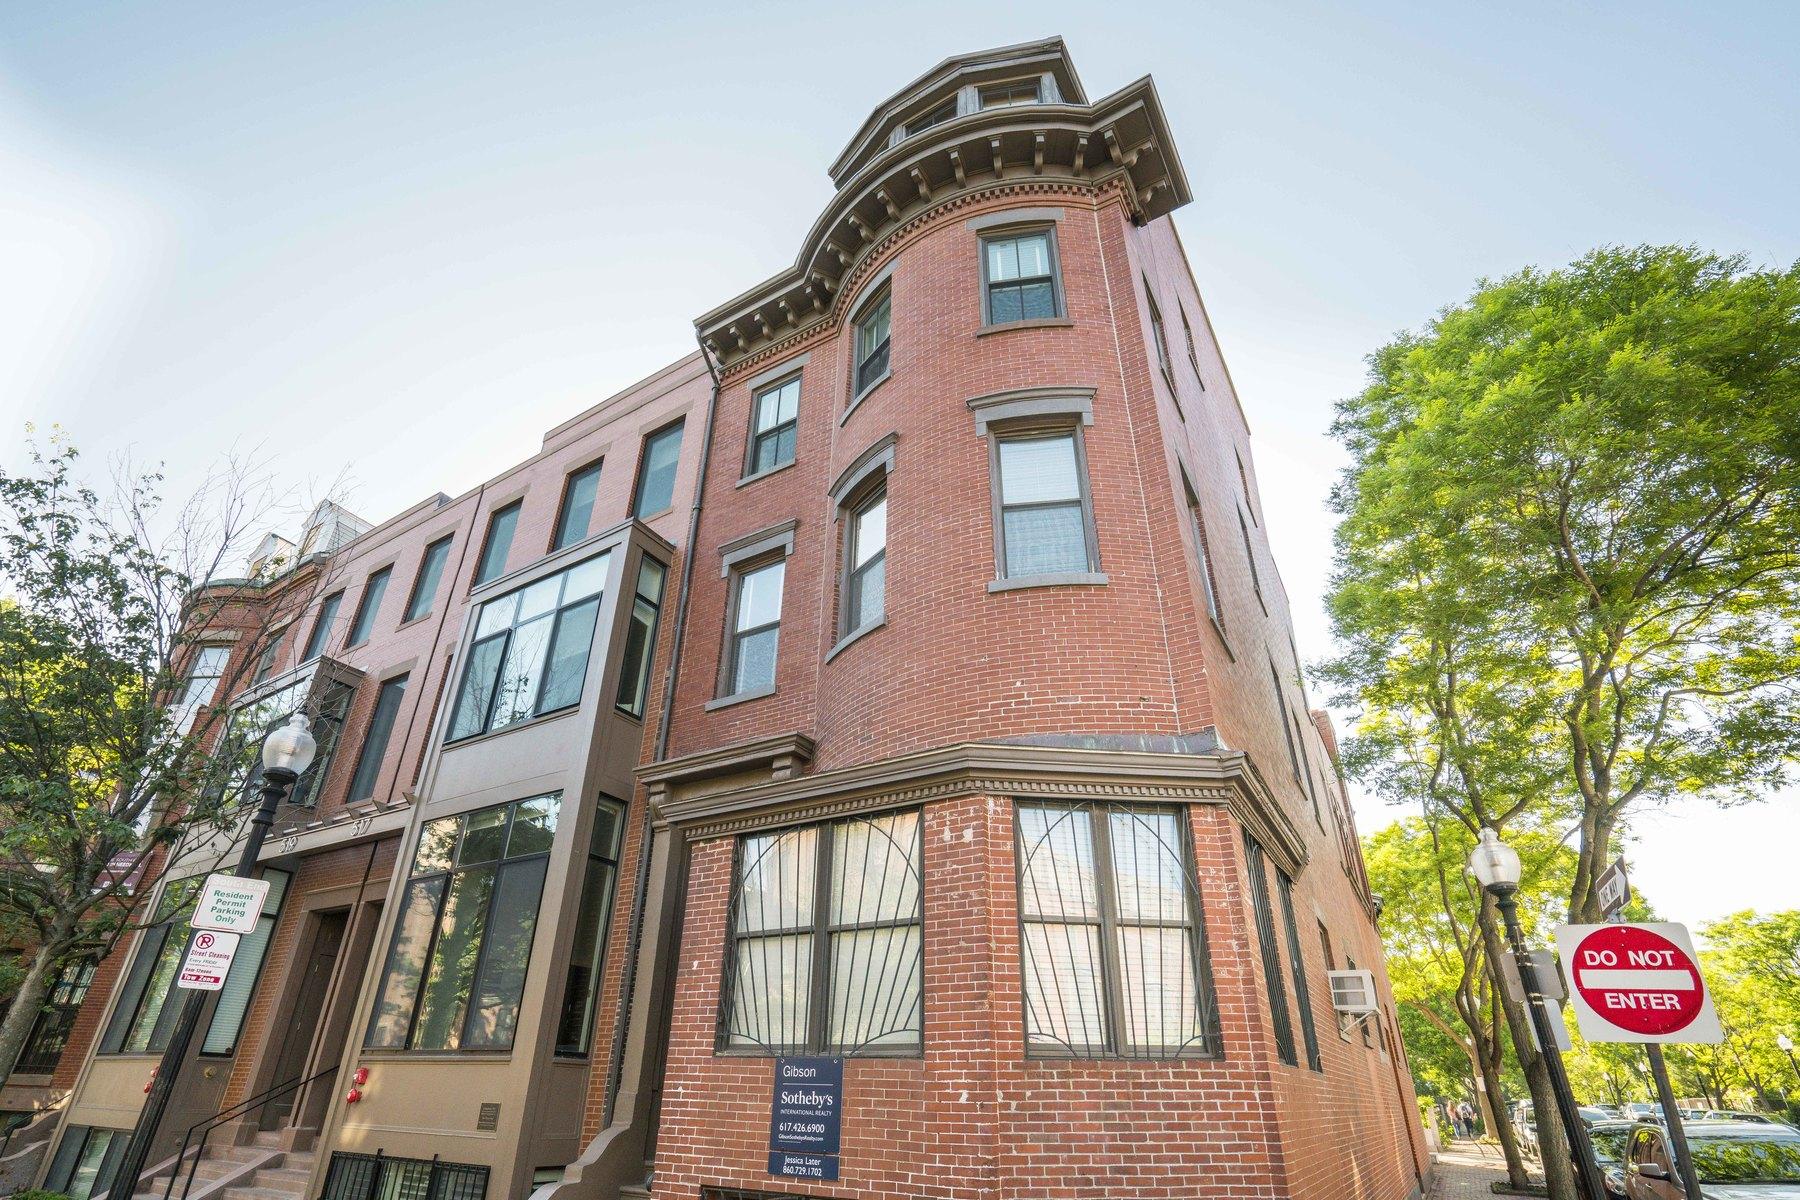 Eigentumswohnung für Verkauf beim A mere second floor walk up, this 1045 square foot two bedroom PLUS STUDY condo 515 Shawmut Avenue Unit 2 South End, Boston, Massachusetts, 02118 Vereinigte Staaten